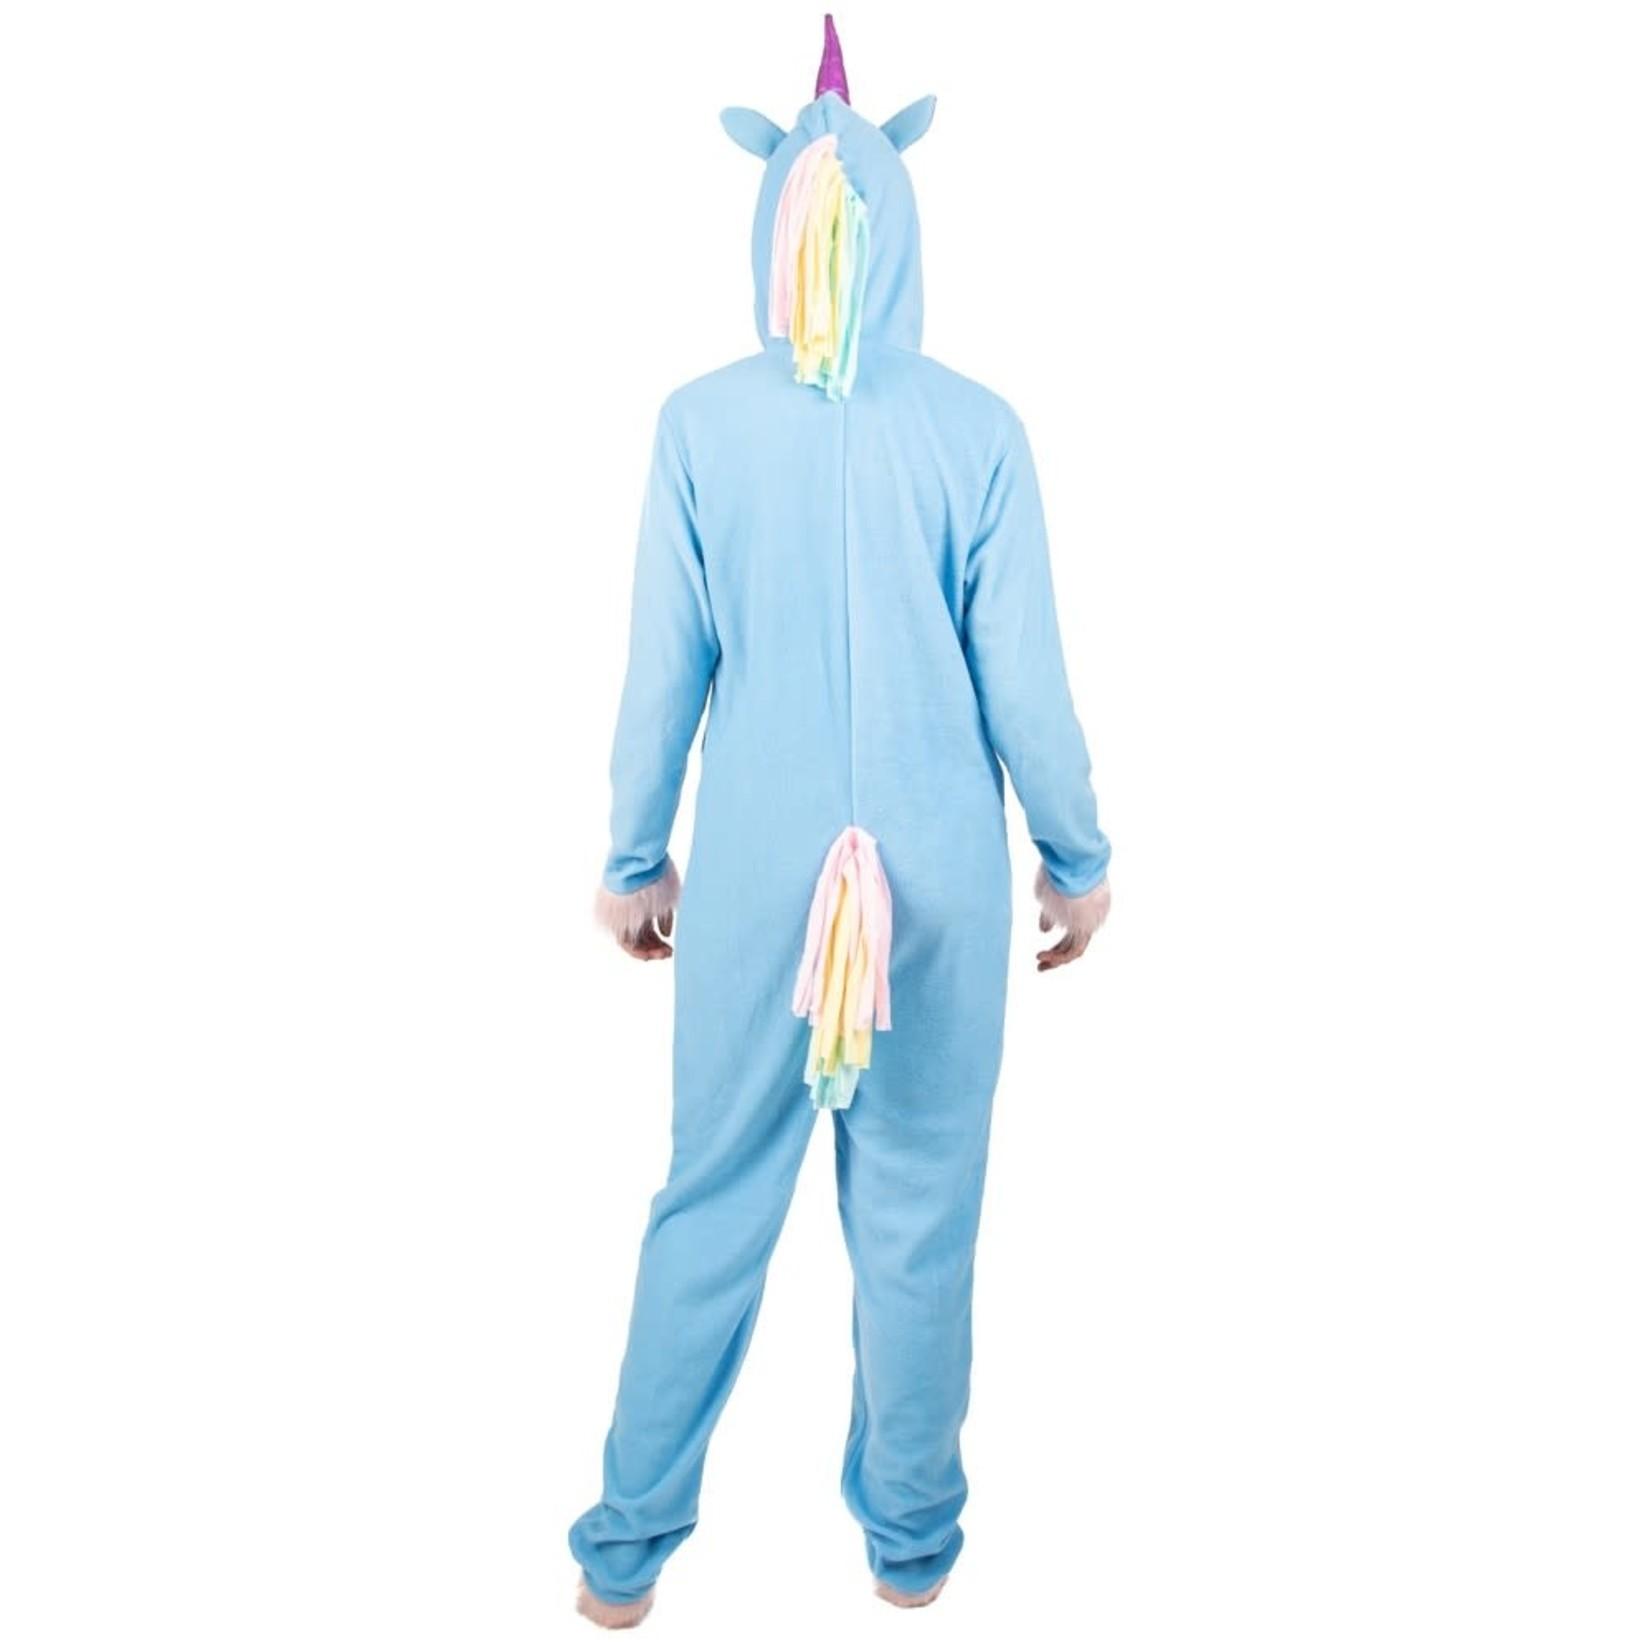 Onesie (Adult) Blue Unicorn - Large